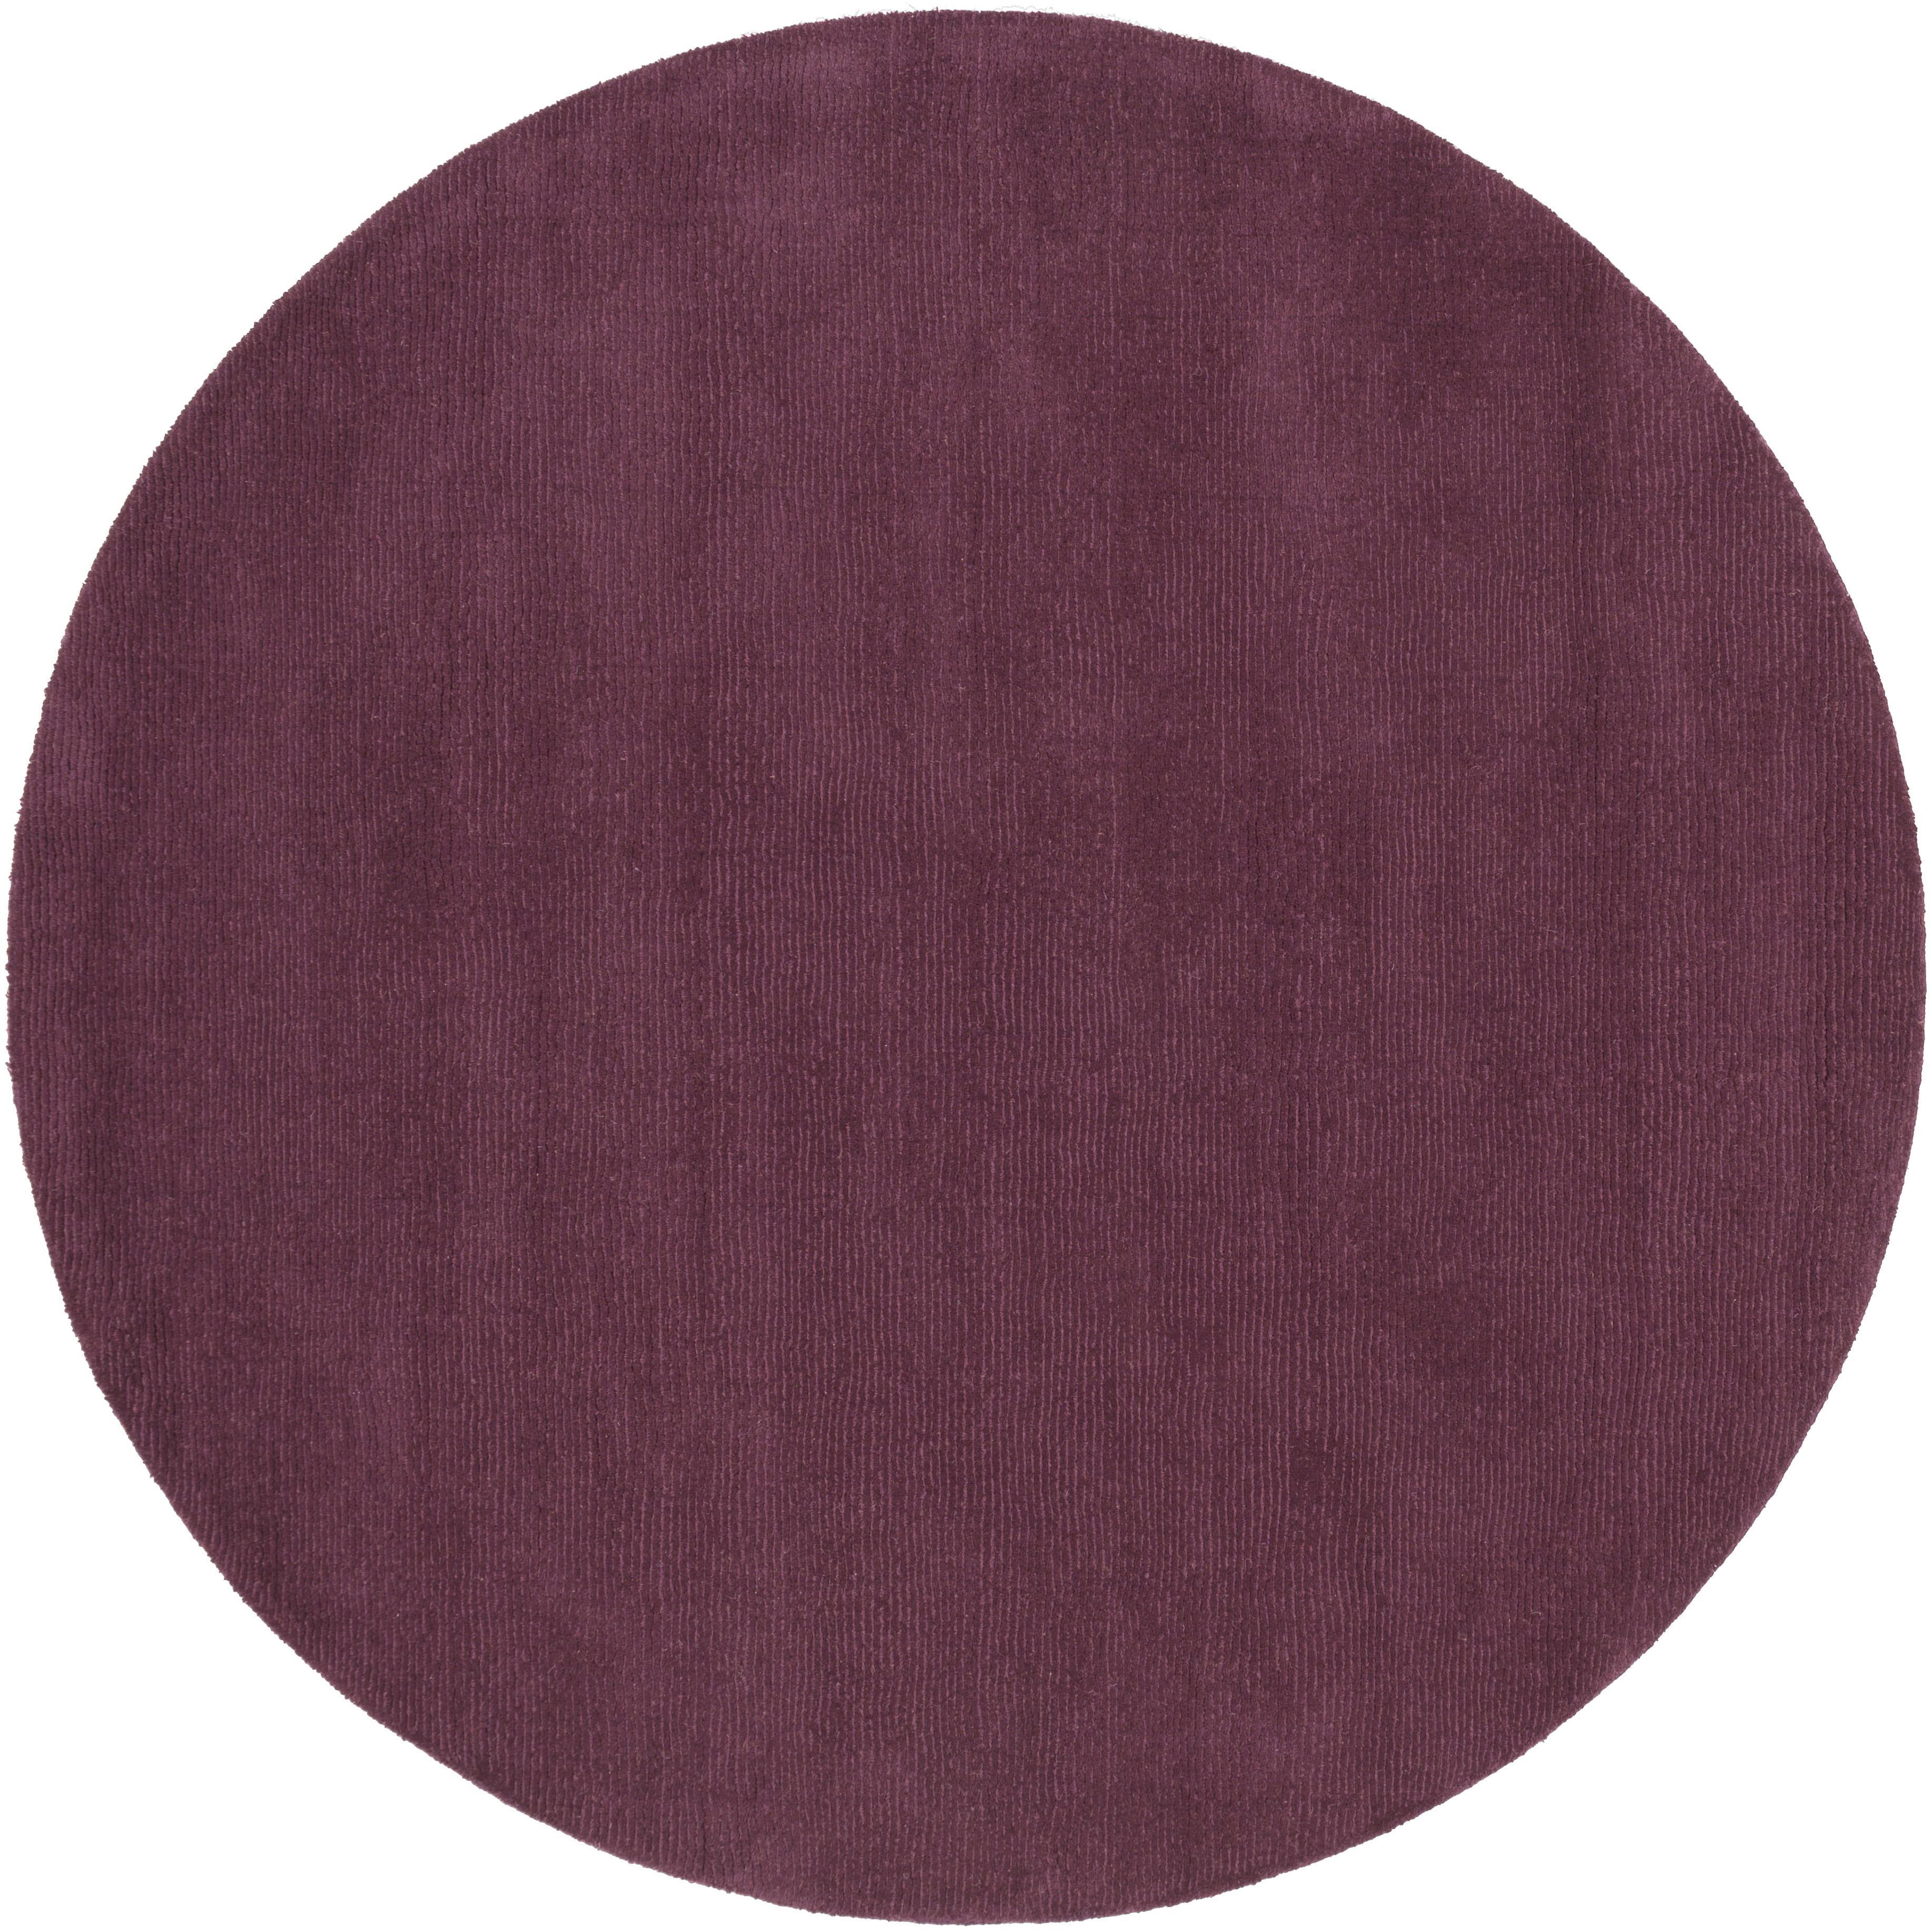 """Surya Mystique 9'9"""" Round - Item Number: M5326-99RD"""